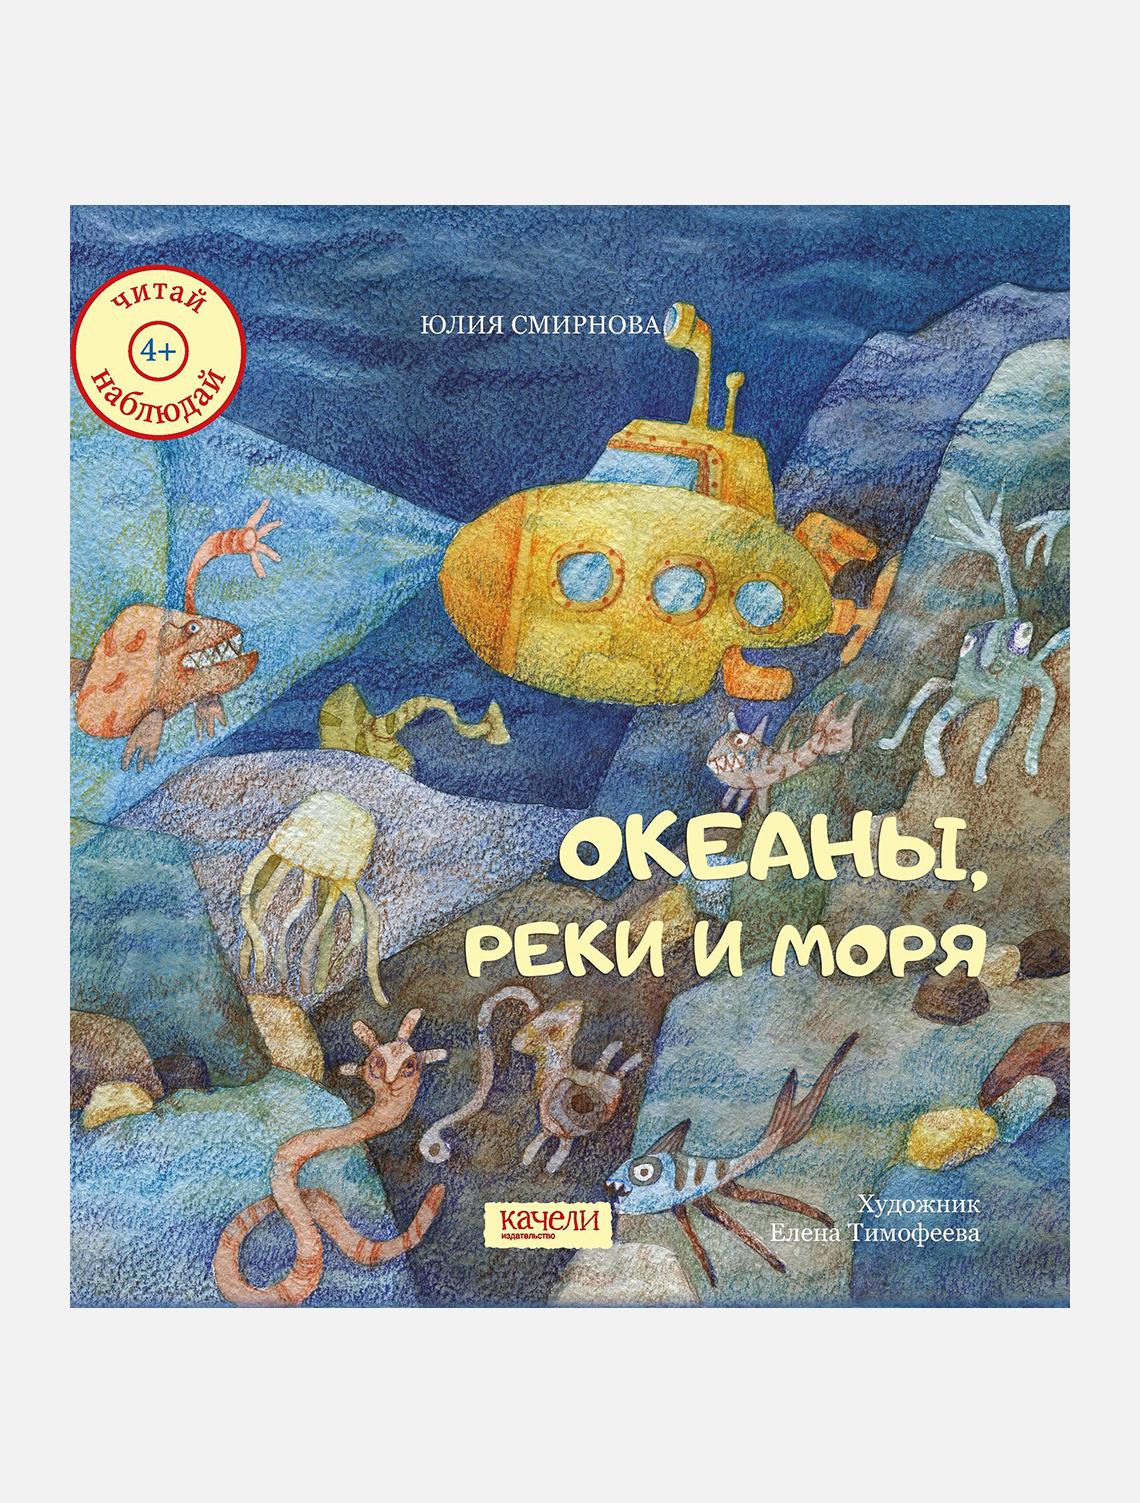 9 удивительных интересных и захватывающих книг о море афиша